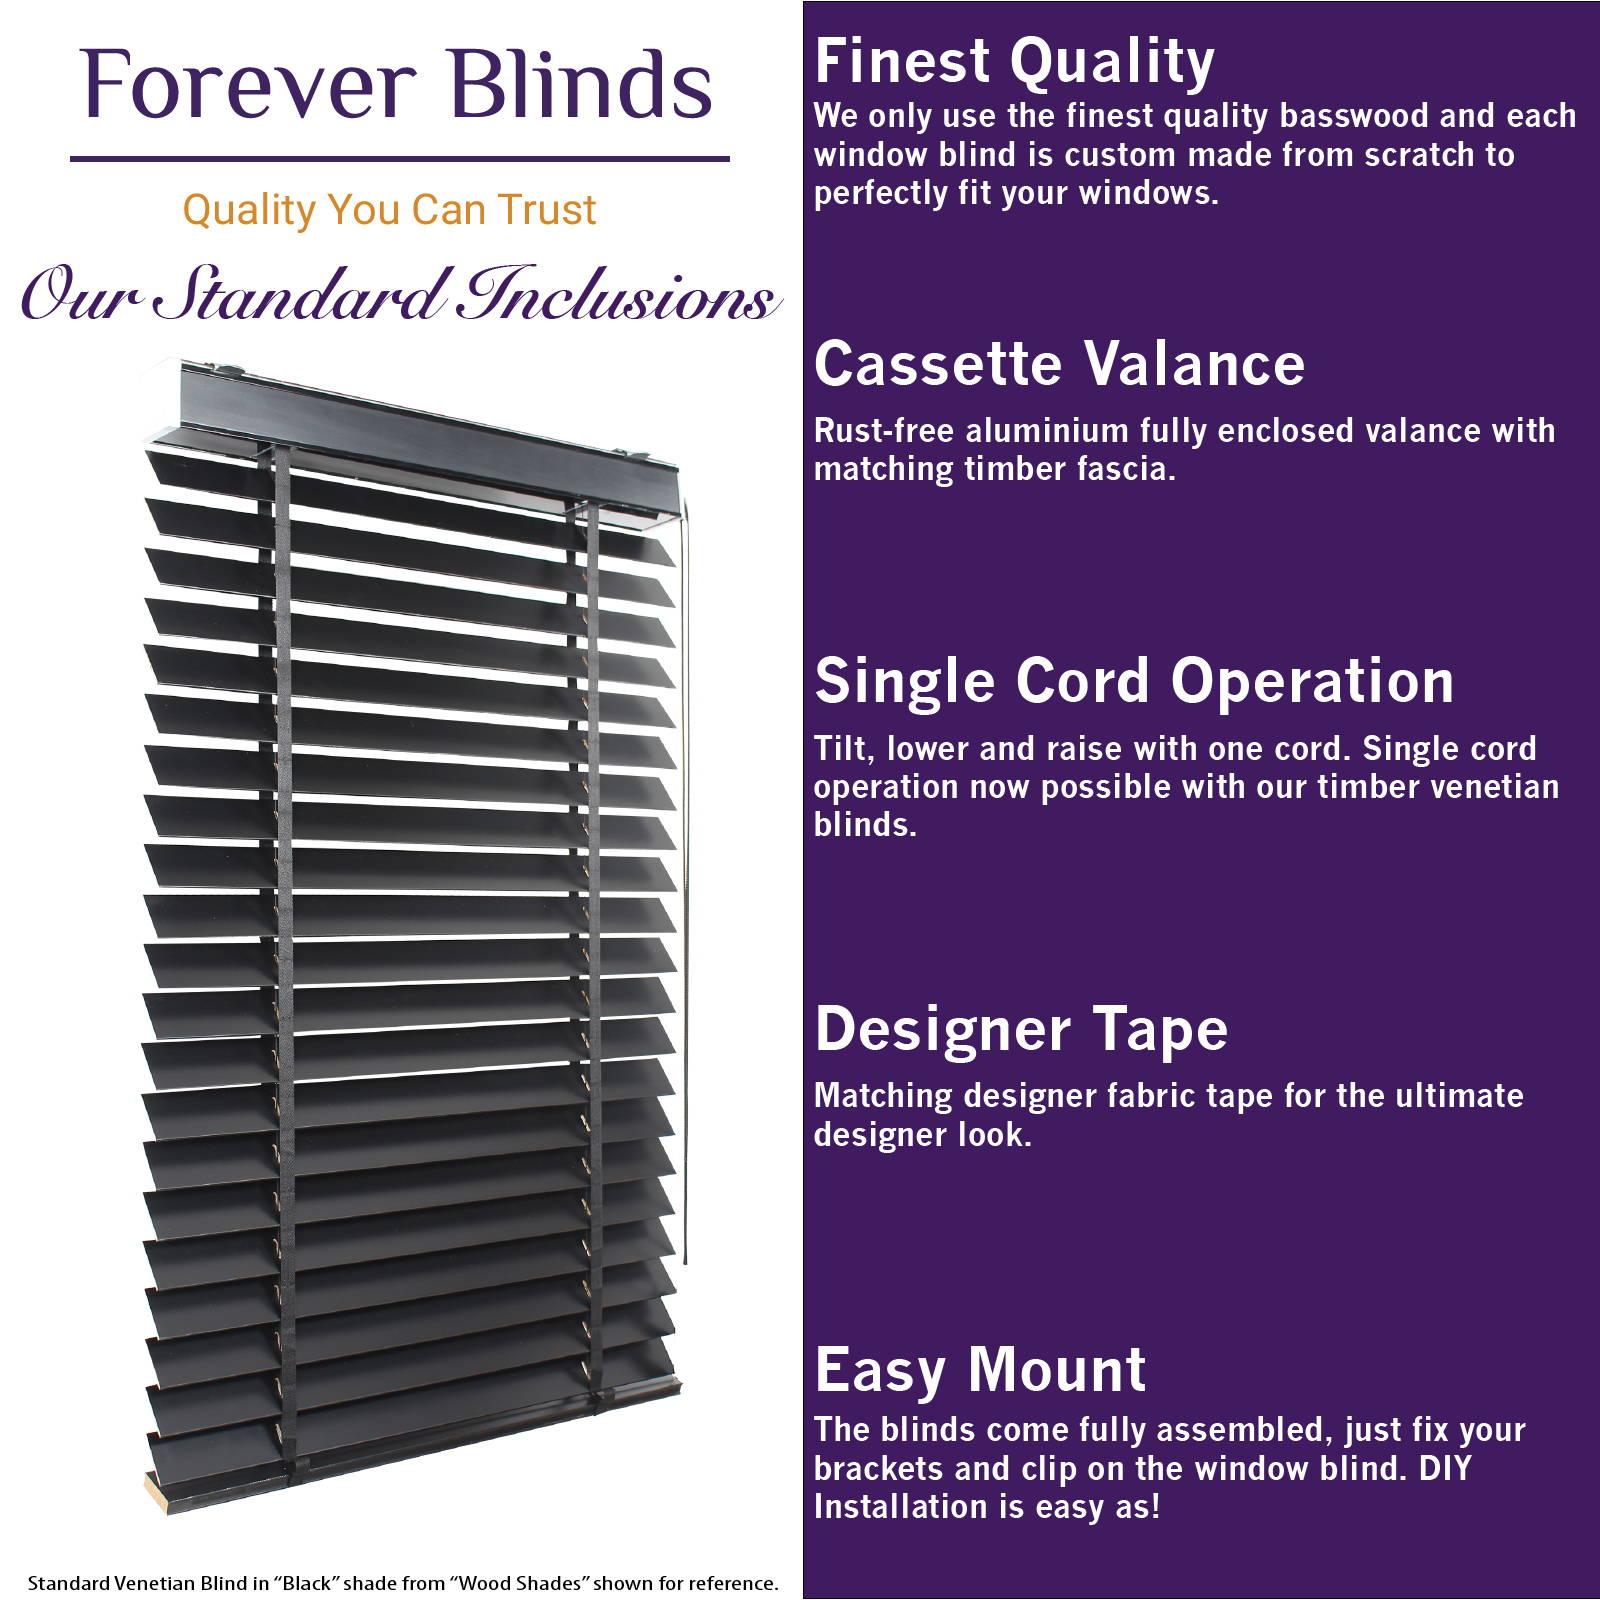 Timber Venetian Blinds - Forever Blinds